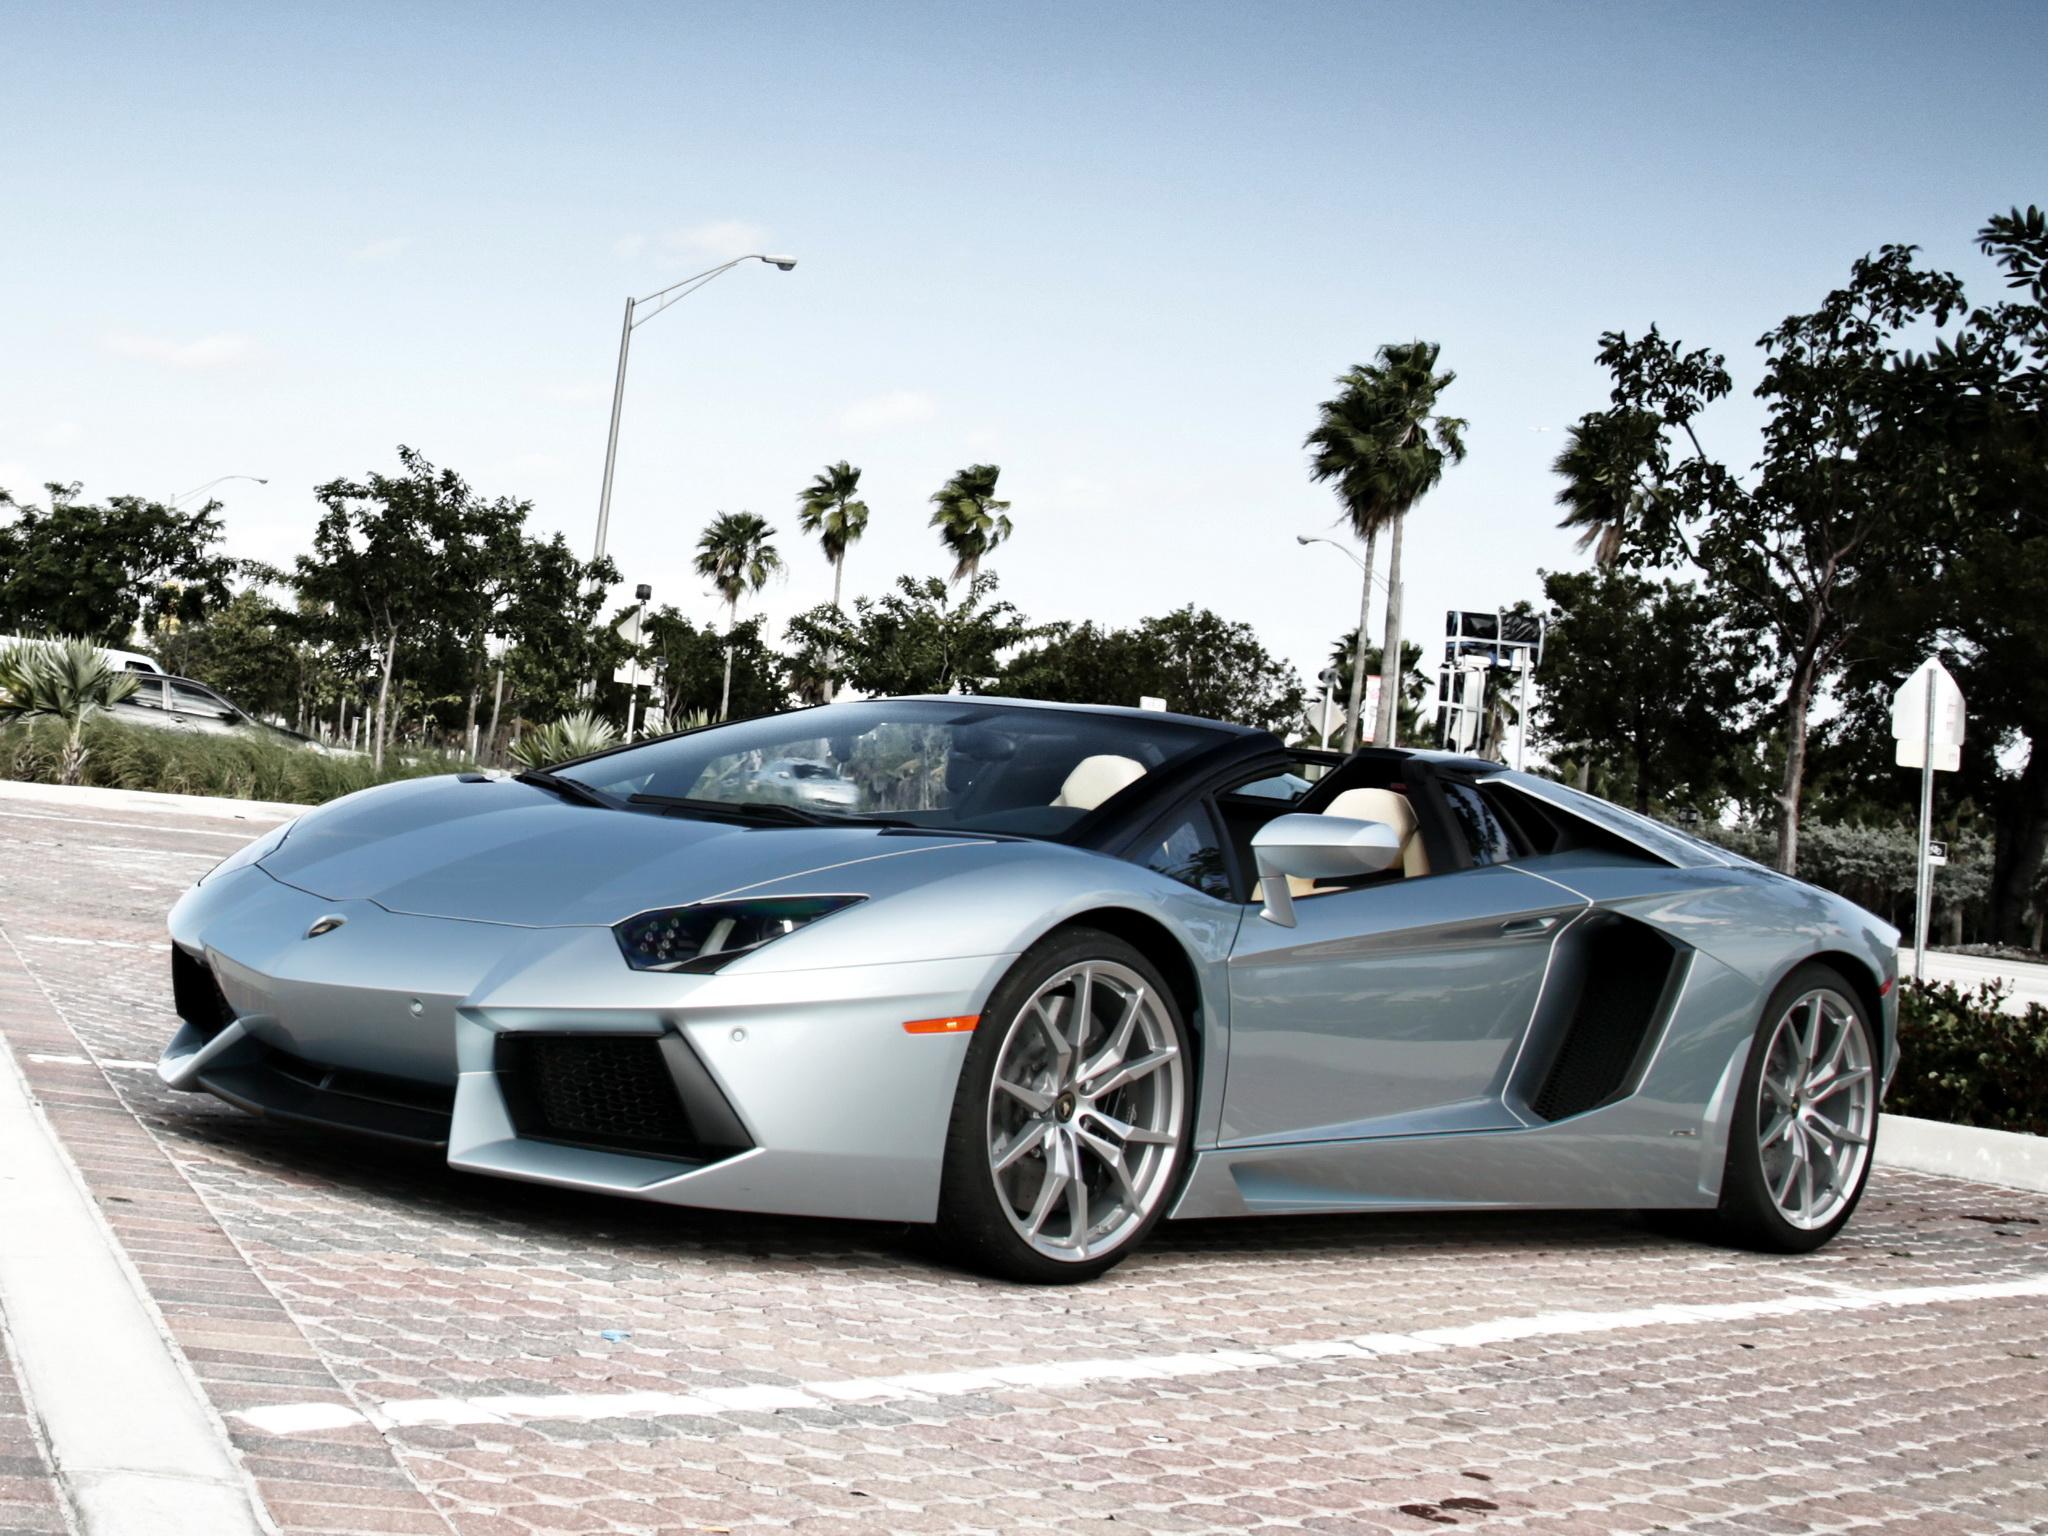 Silver Lamborghini Aventador Black on silver audi black, silver jeep wrangler black, silver toyota sienna black, silver range rover evoque black,